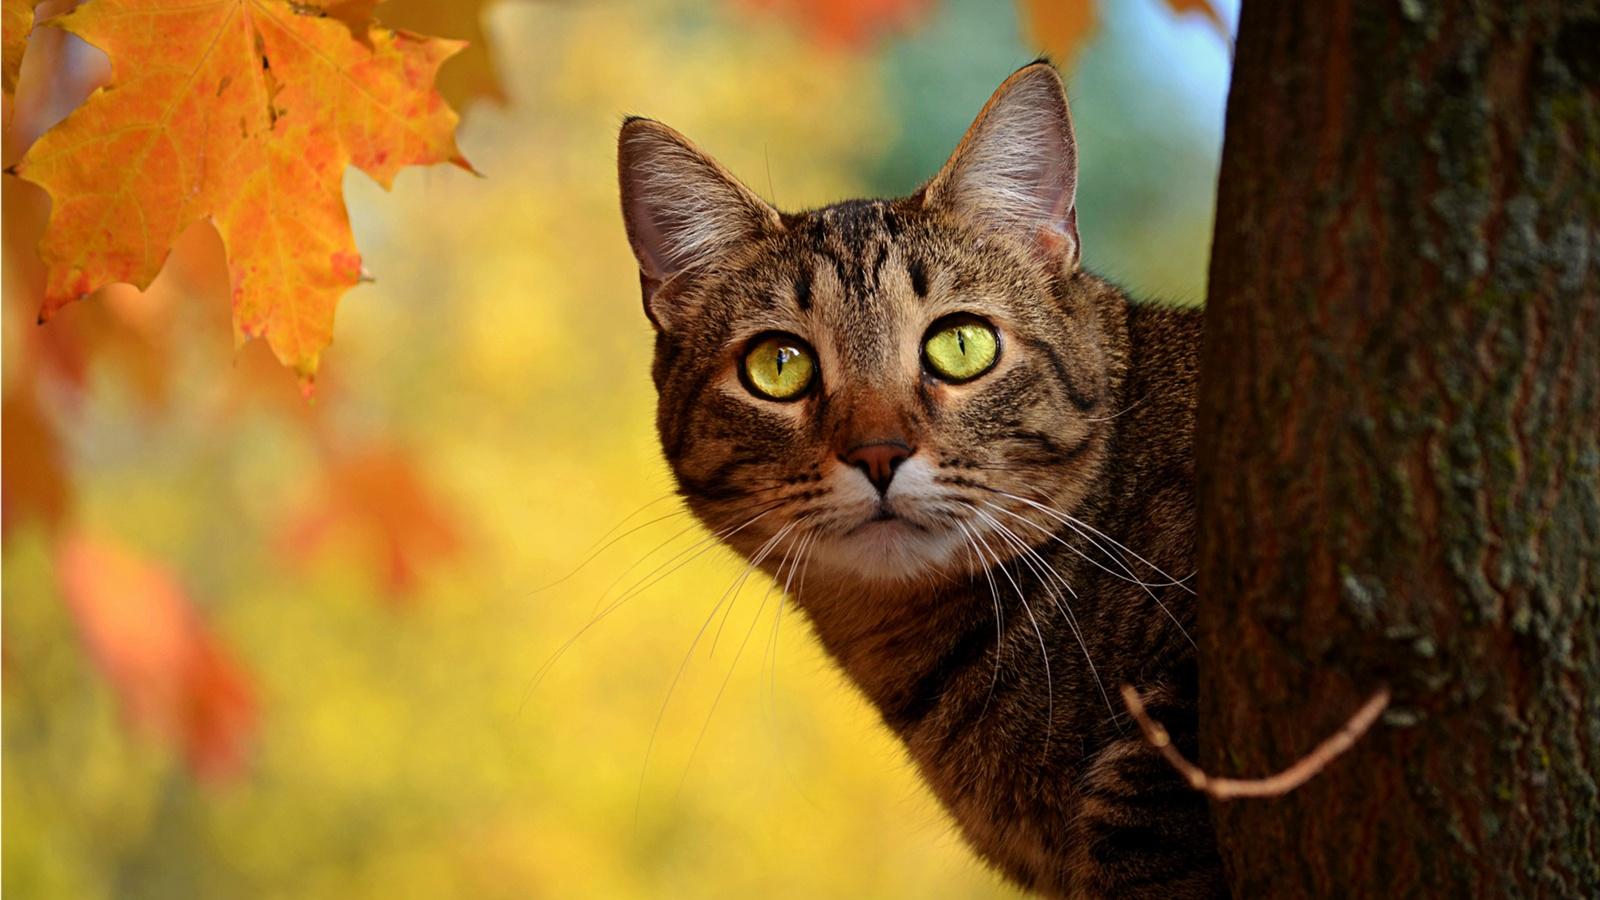 壁紙 秋猫覗き 黄色の葉 1920x1200 Hd 無料のデスクトップの背景 画像